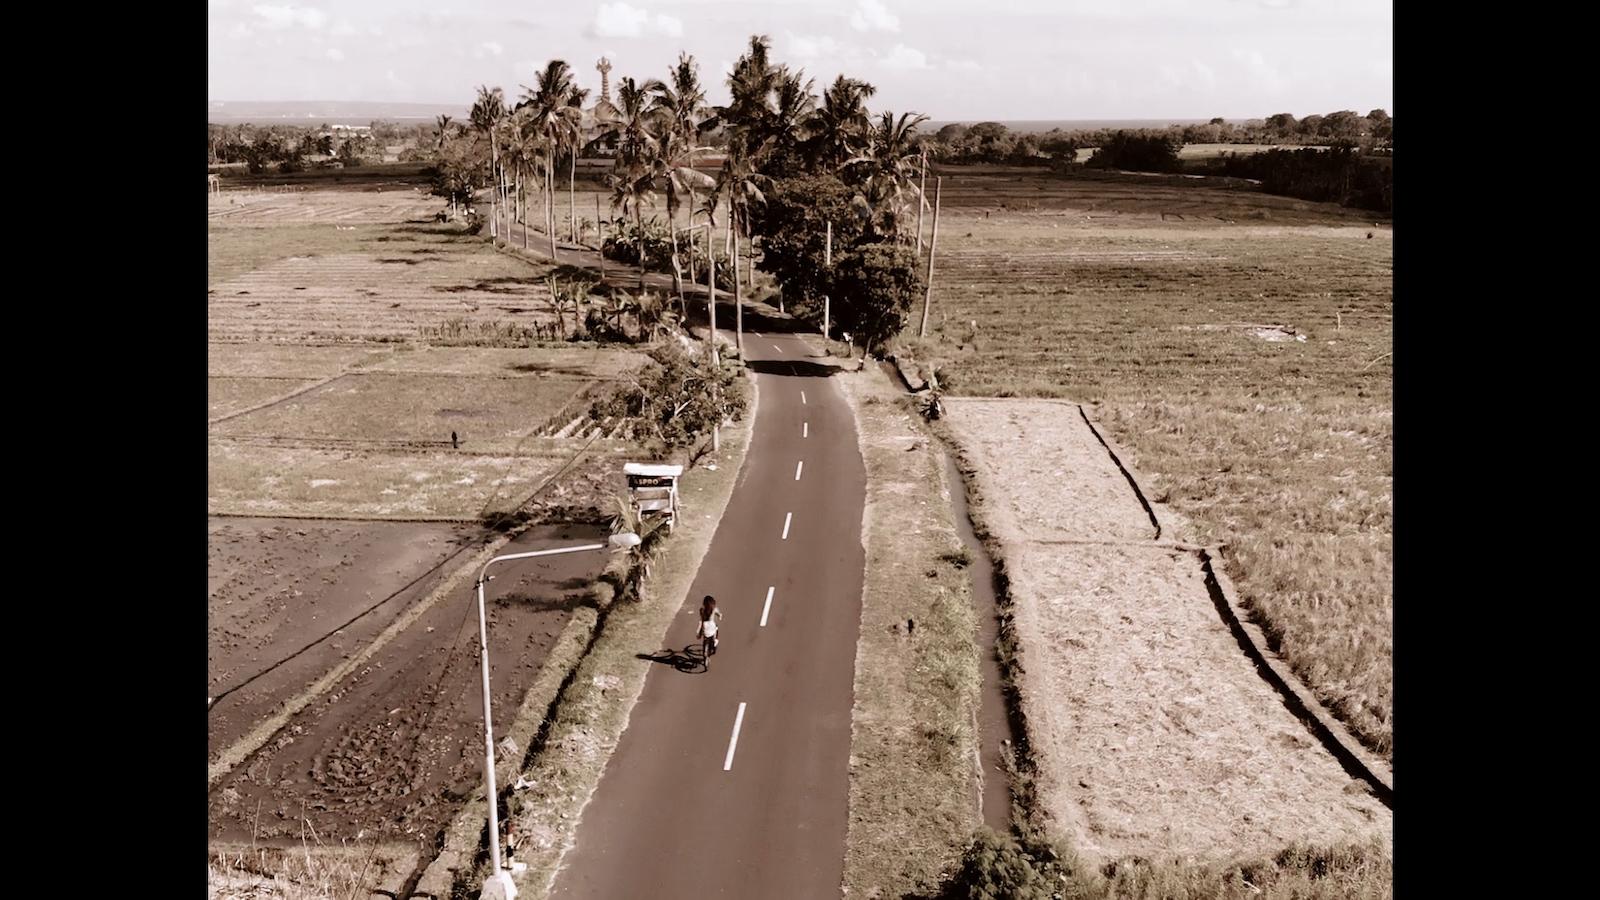 024-cyclingcommando-Putri-Cinta-Mainvid-stills-2.jpg